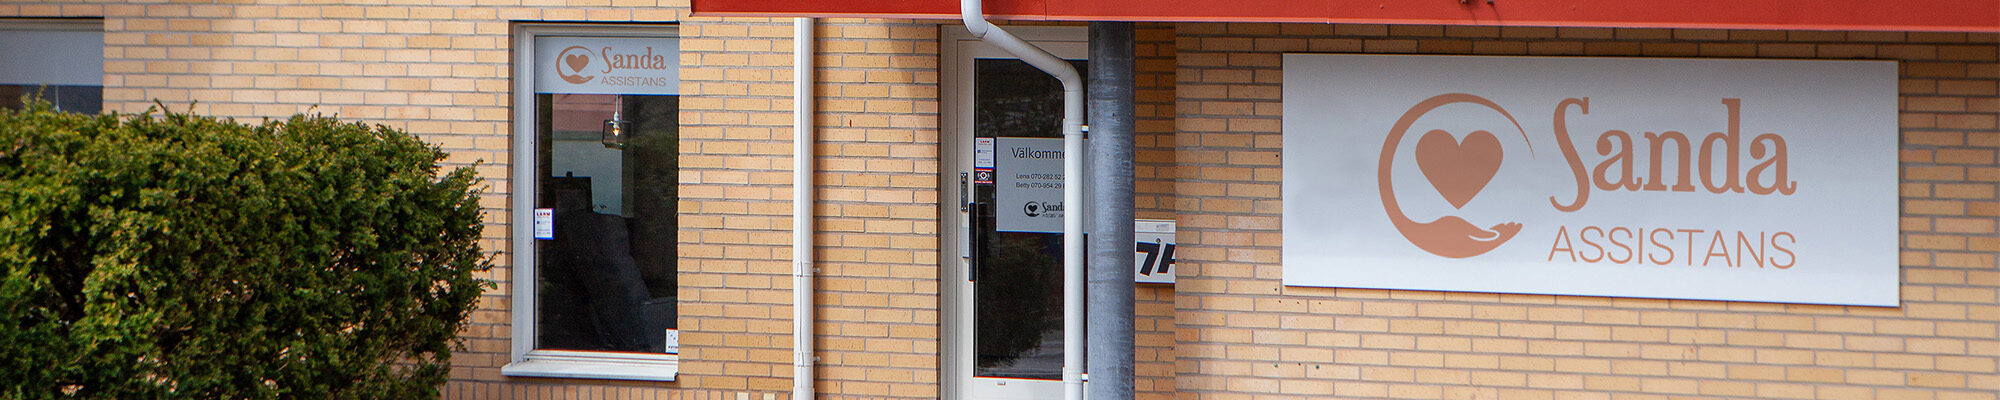 Personlig assistans i Västra Götaland